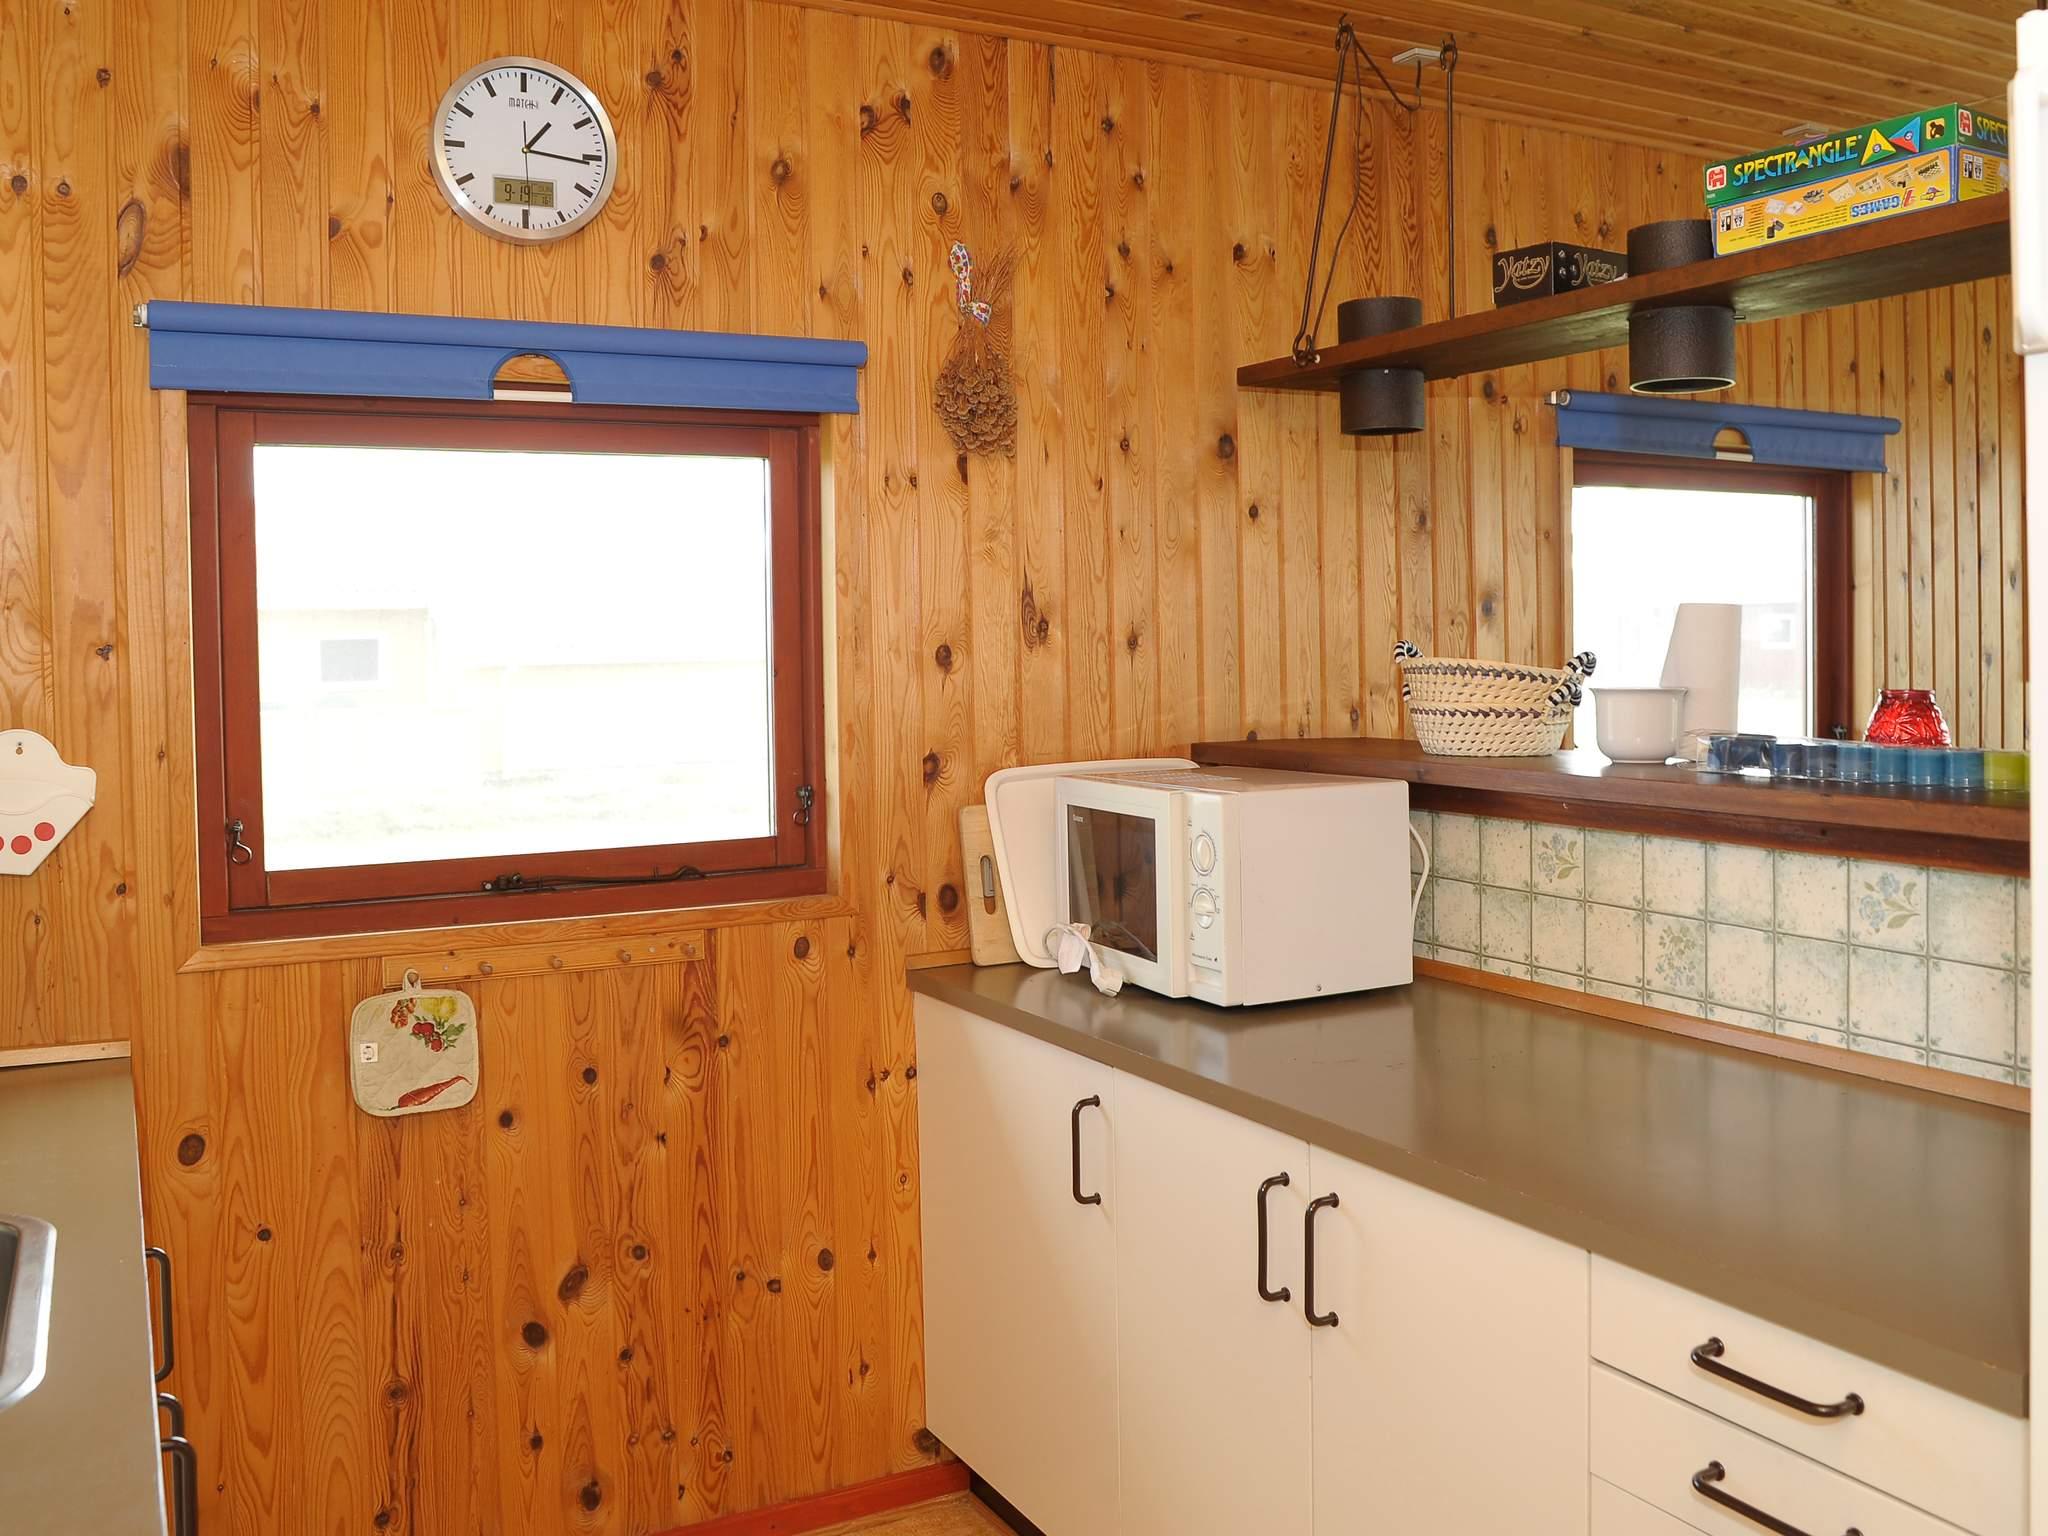 Ferienhaus Vejlby Klit (88945), Harboøre, , Limfjord, Dänemark, Bild 8